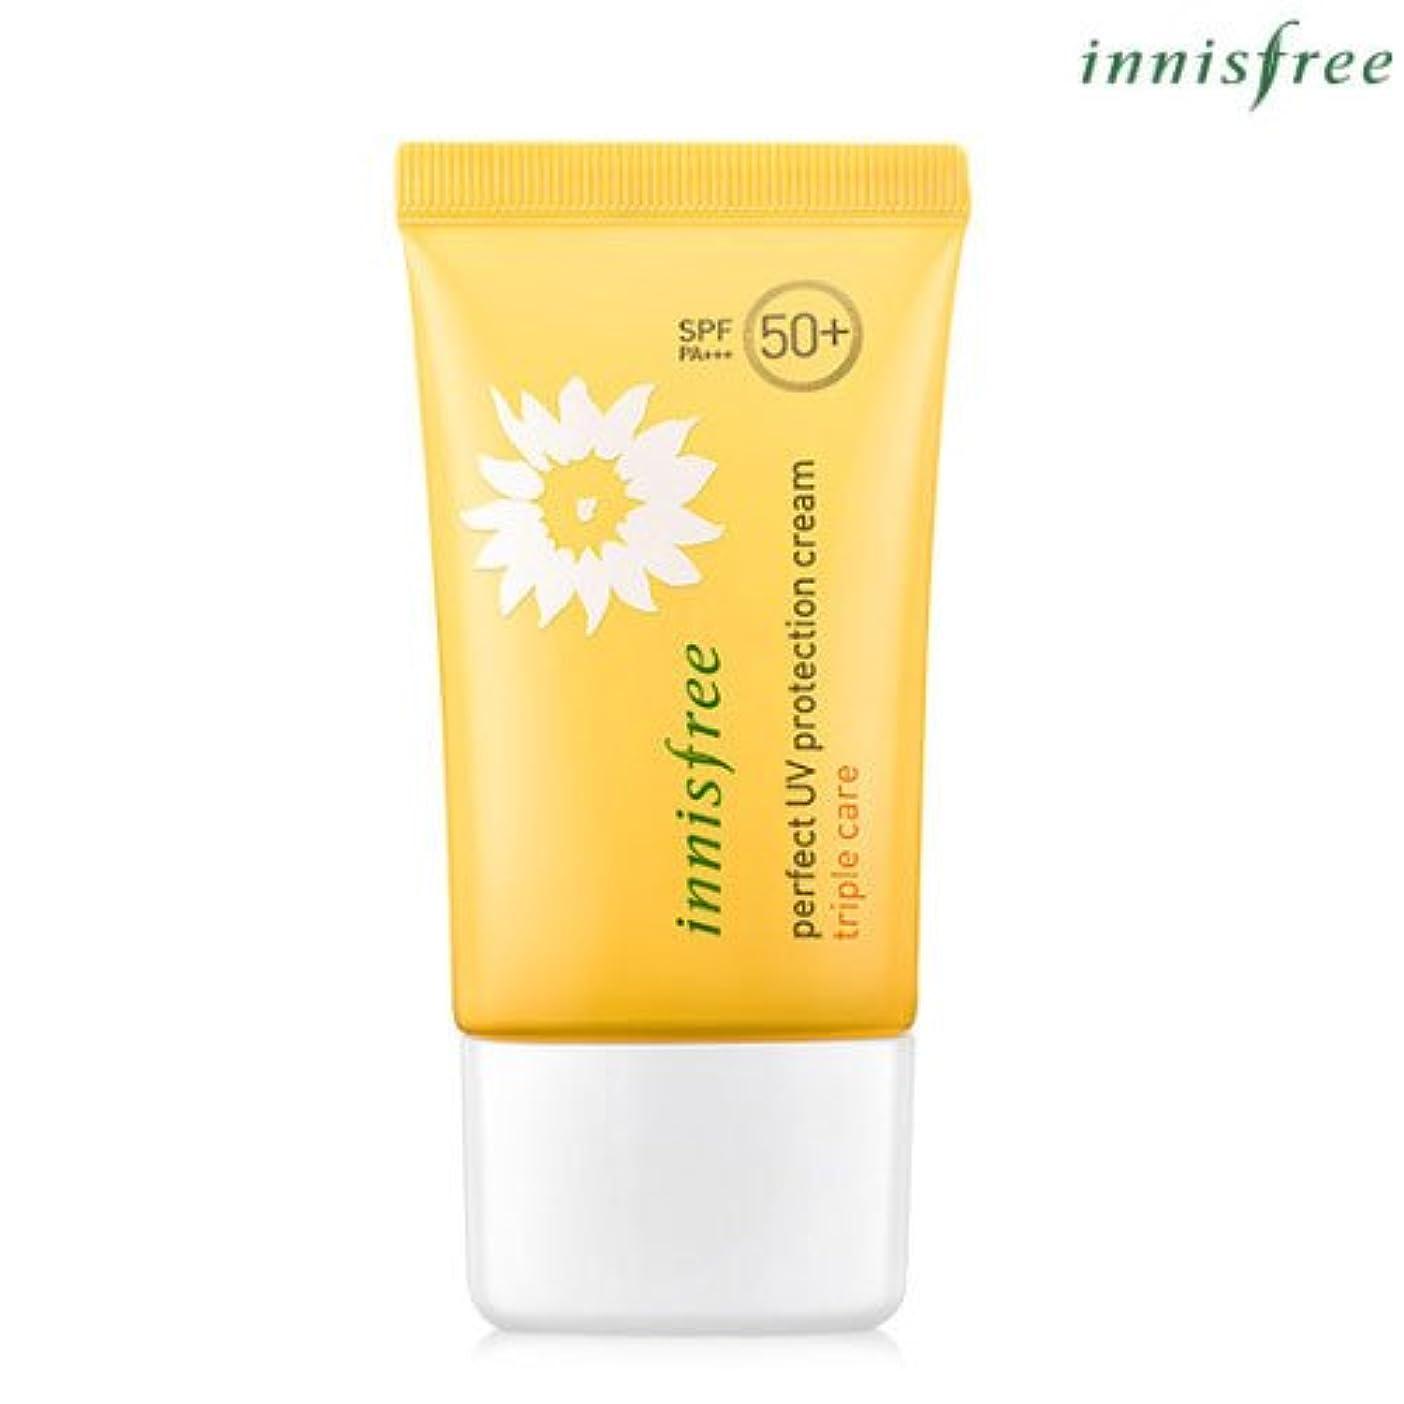 ピアニスト驚くべき継続中[INNISFREE]イニスフリーパーフェクトUV プロテクション クリームトリプルケアSPF50+ PA+++ 50mL perfect UV protection cream triple care SPF50+ PA...